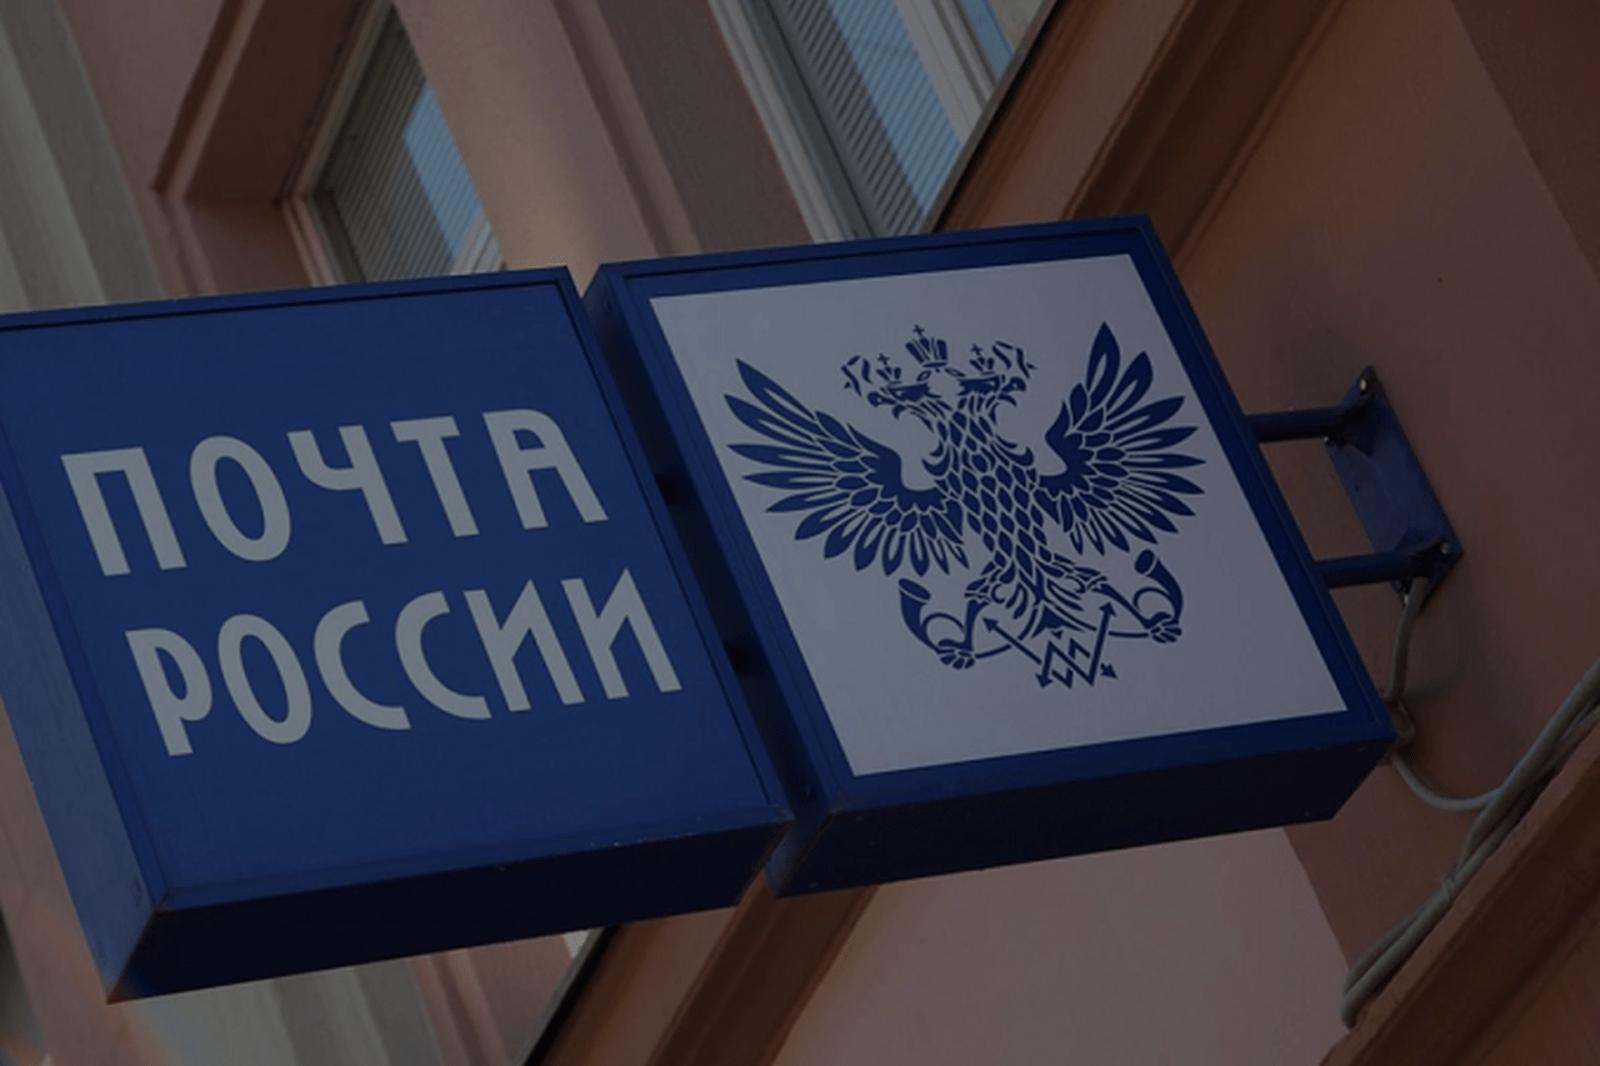 «Почта России» и «Союзмультфильм»: легендарные бренды объединил проект «Простоквашино»